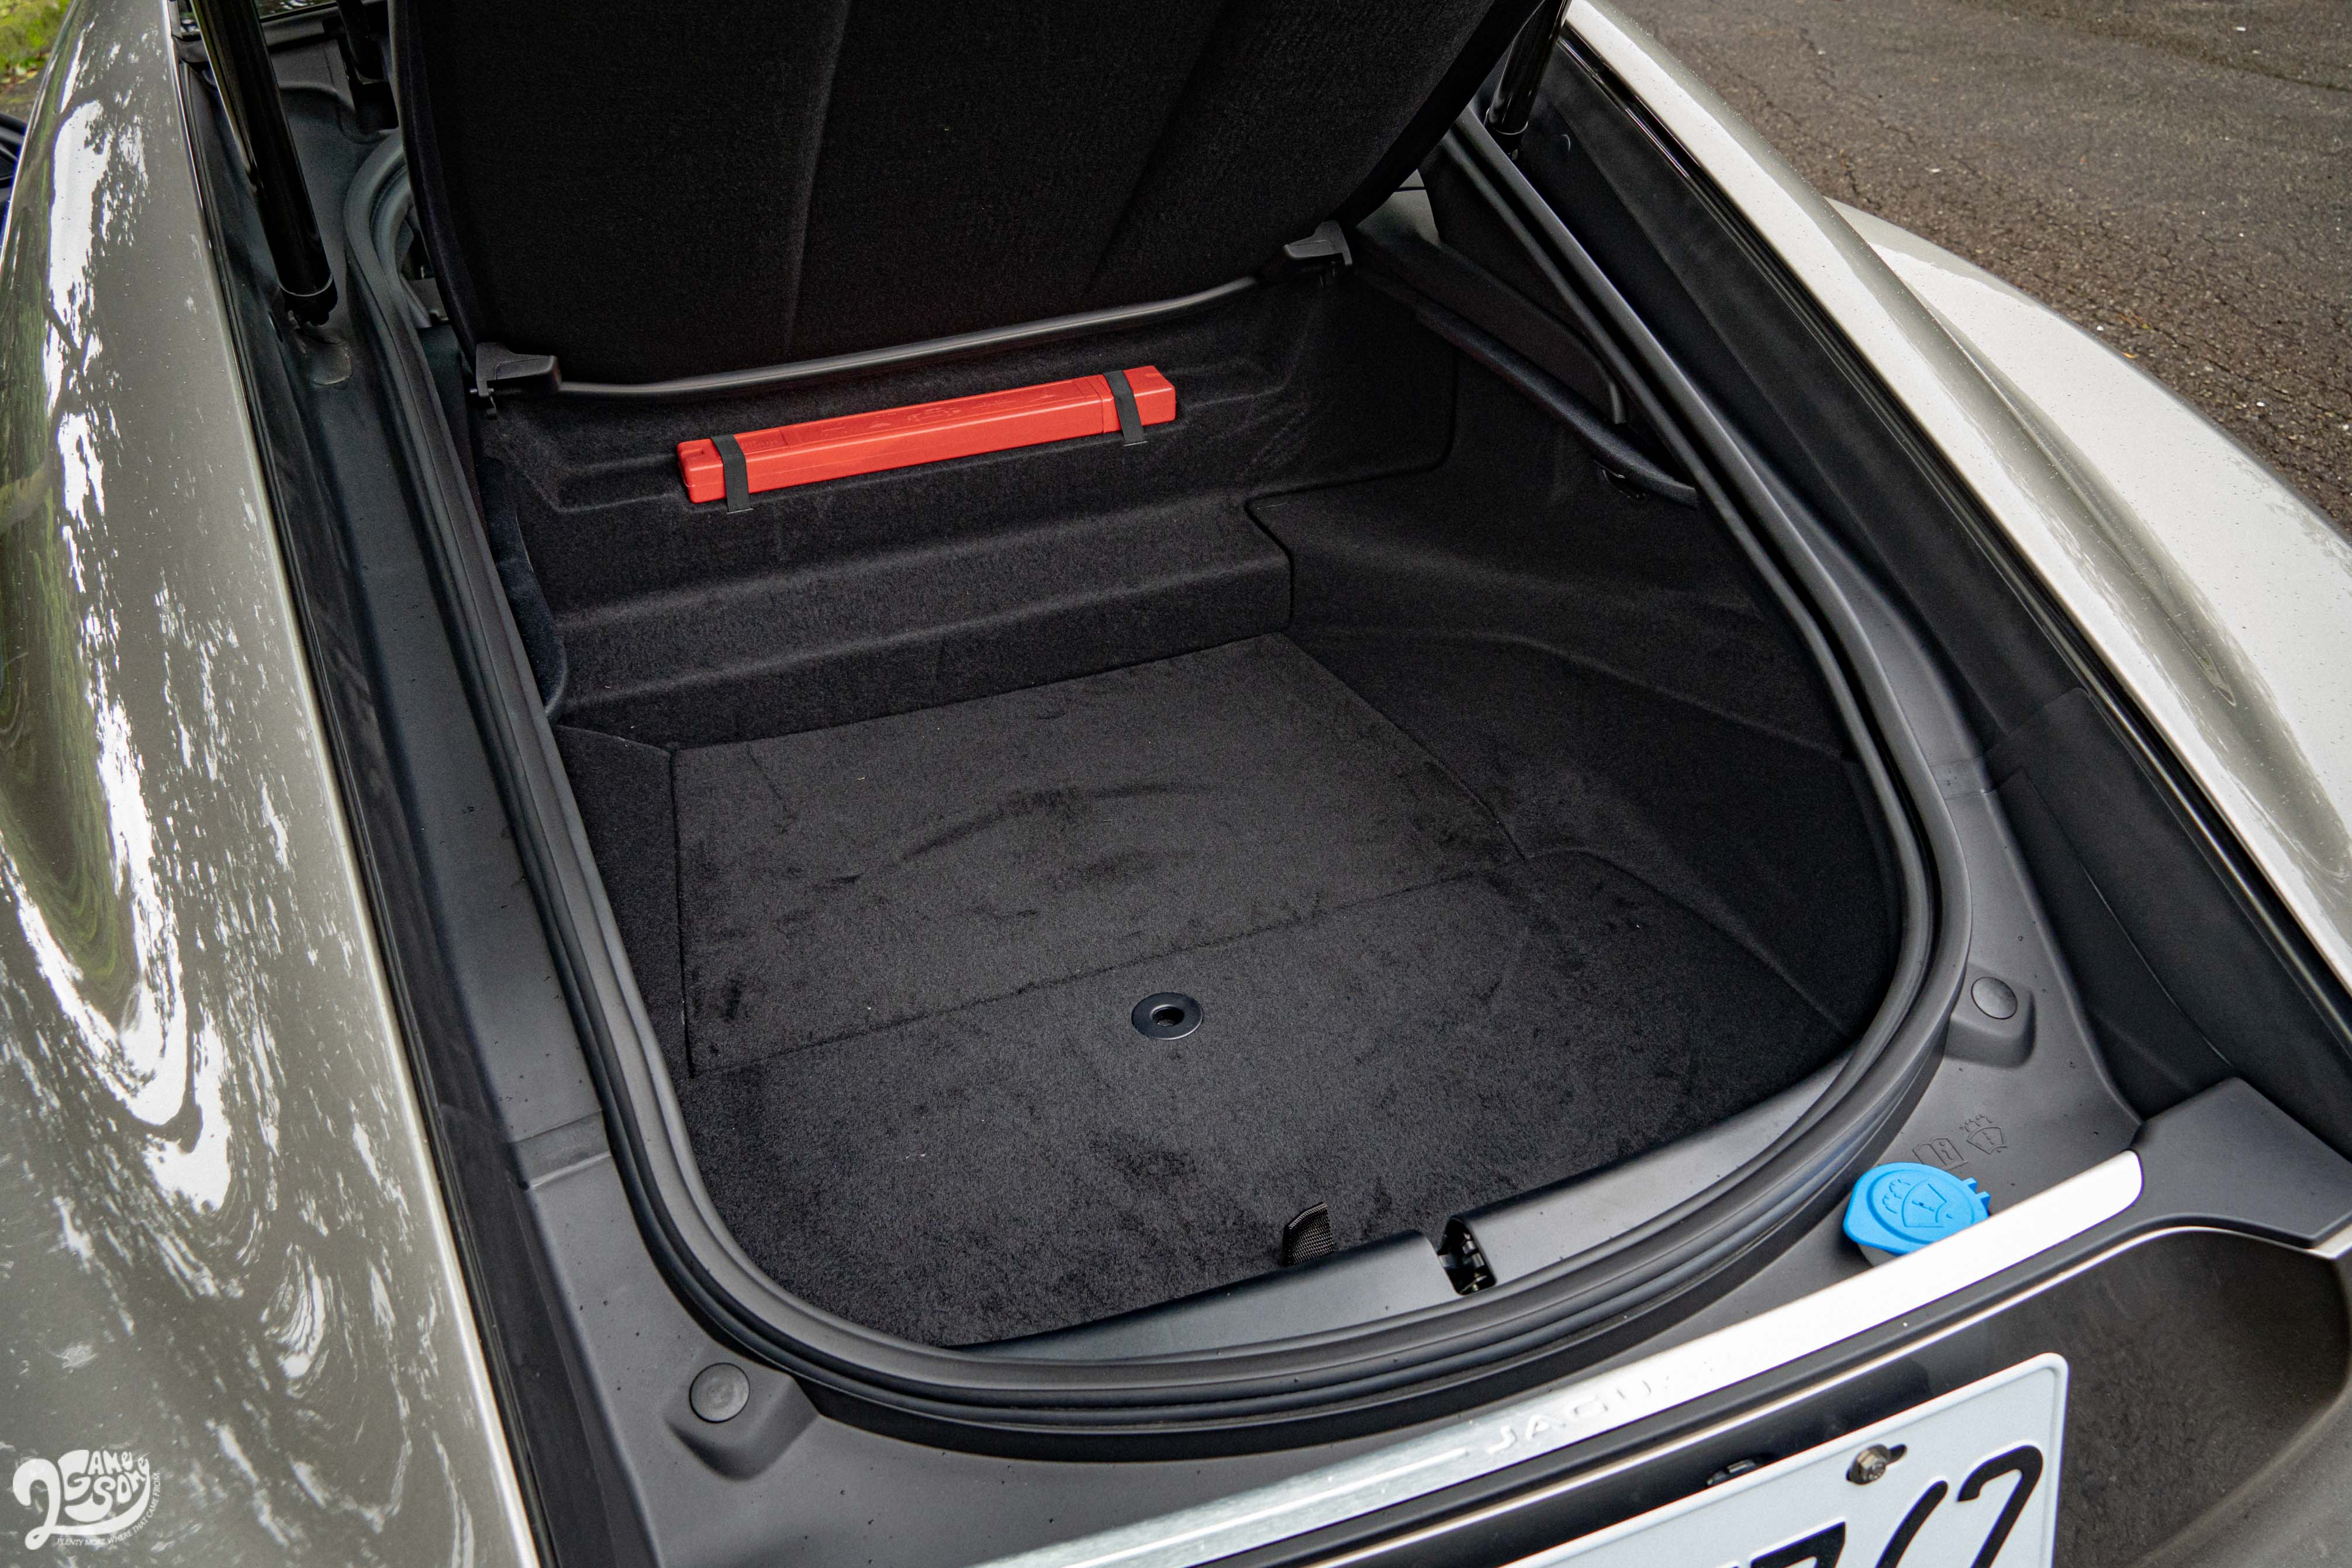 高達 336 公升的後廂容積展現 GT 跑車的日常實用價值。